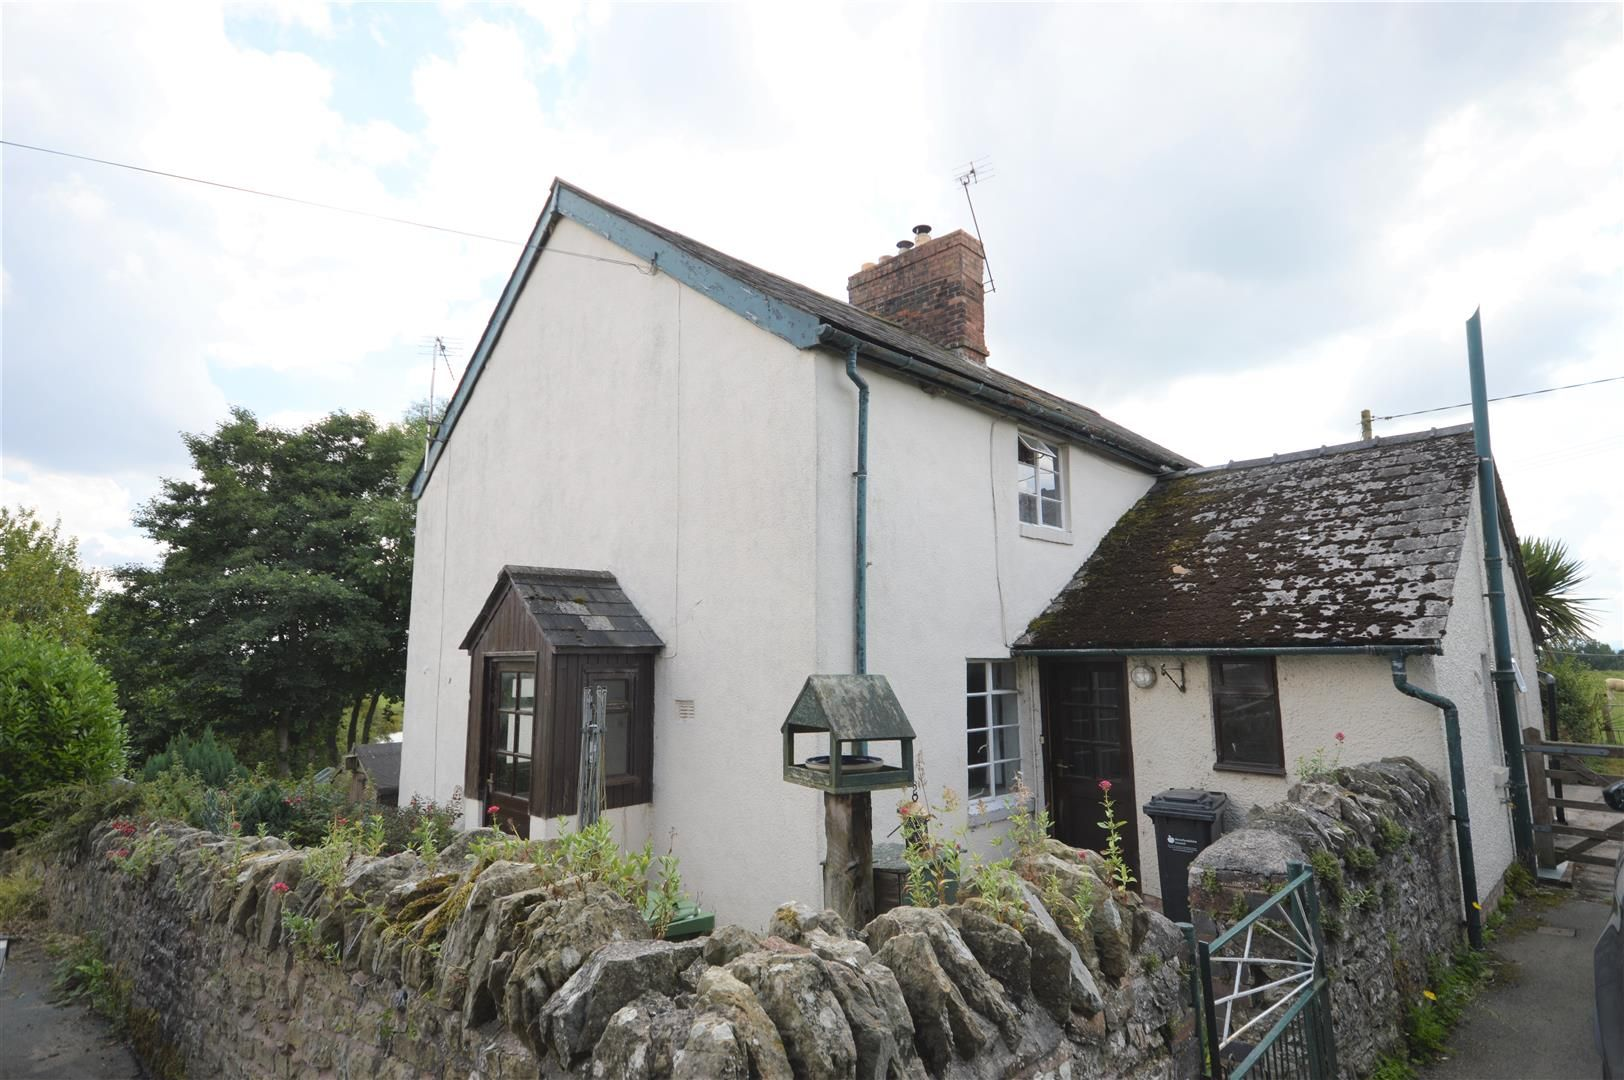 2 bed cottage for sale in Shobdon, HR6